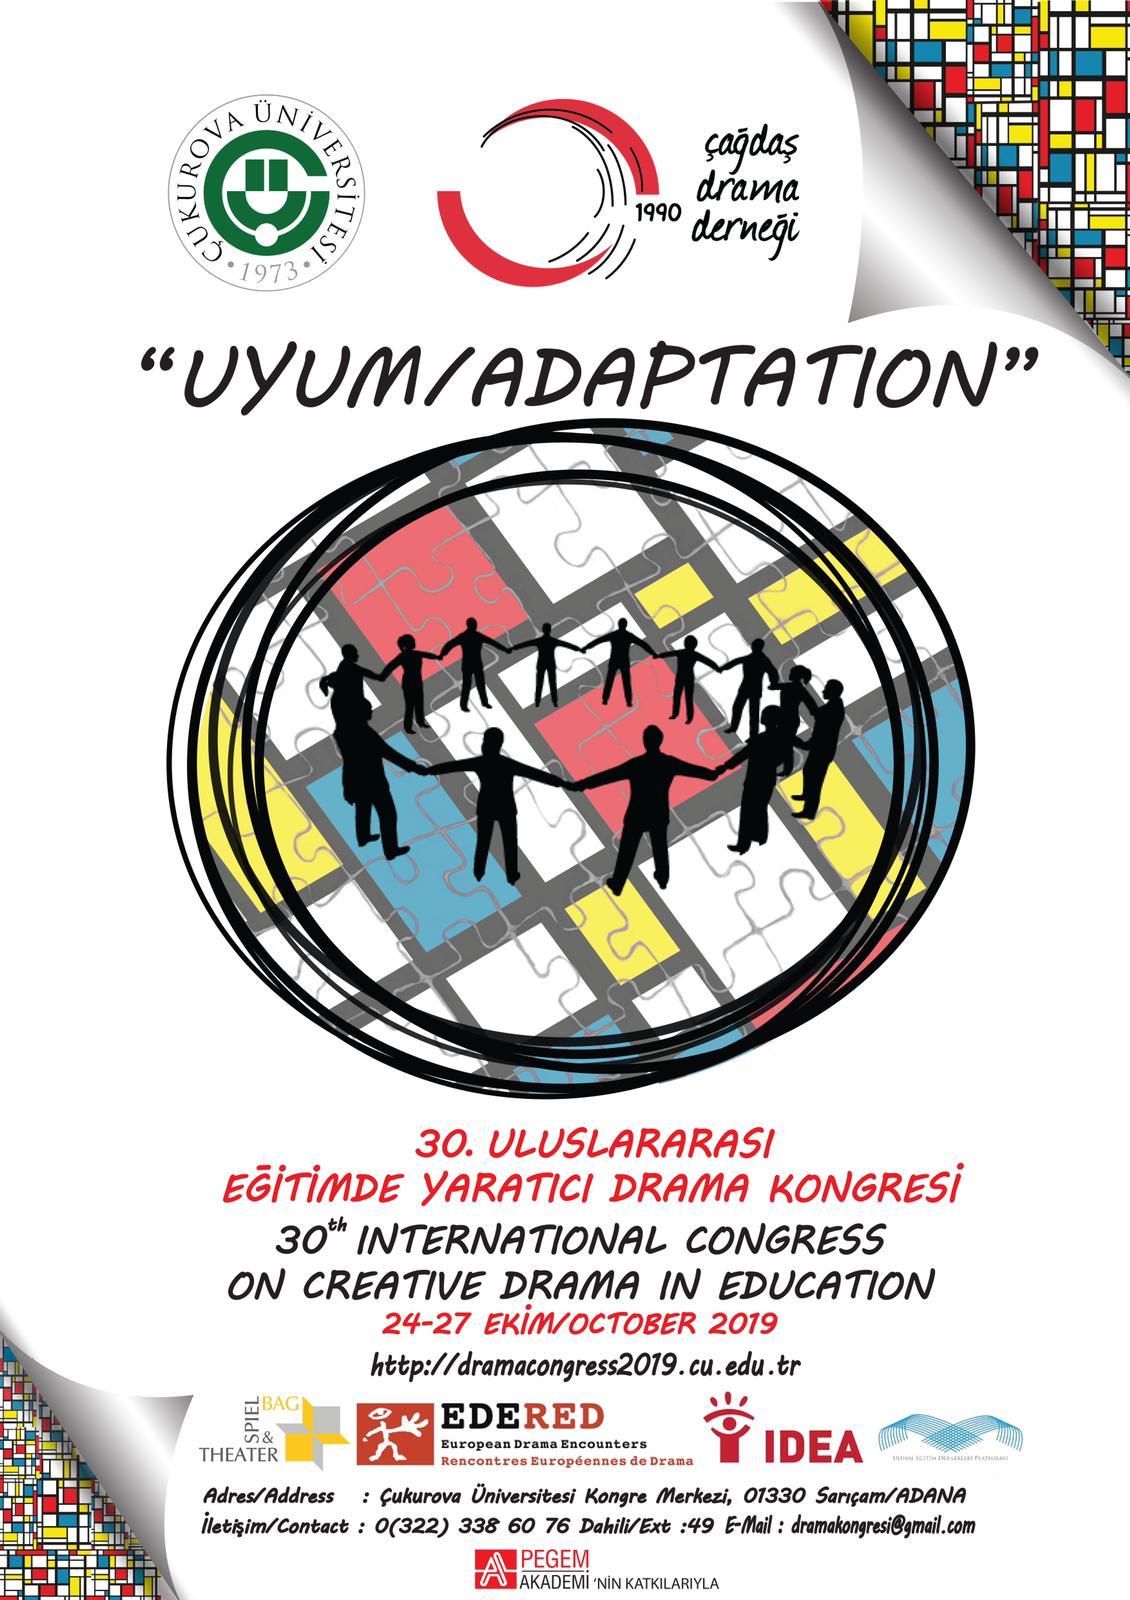 """30. Uluslararası Eğitimde Yaratıcı Drama Kongresi """"Uyum"""" Temasıyla Adana'da!"""